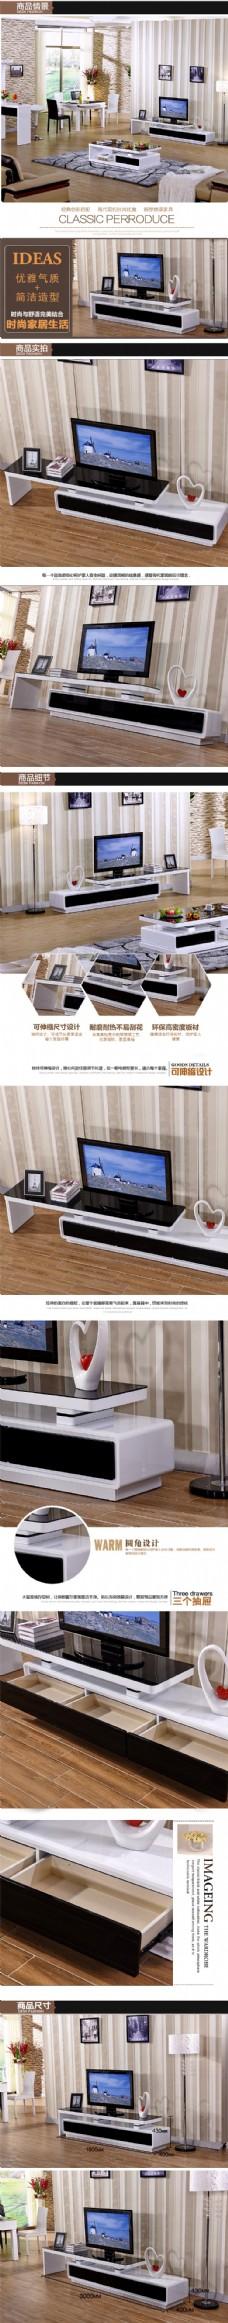 简约可伸缩电视柜亮光烤漆储物电视柜